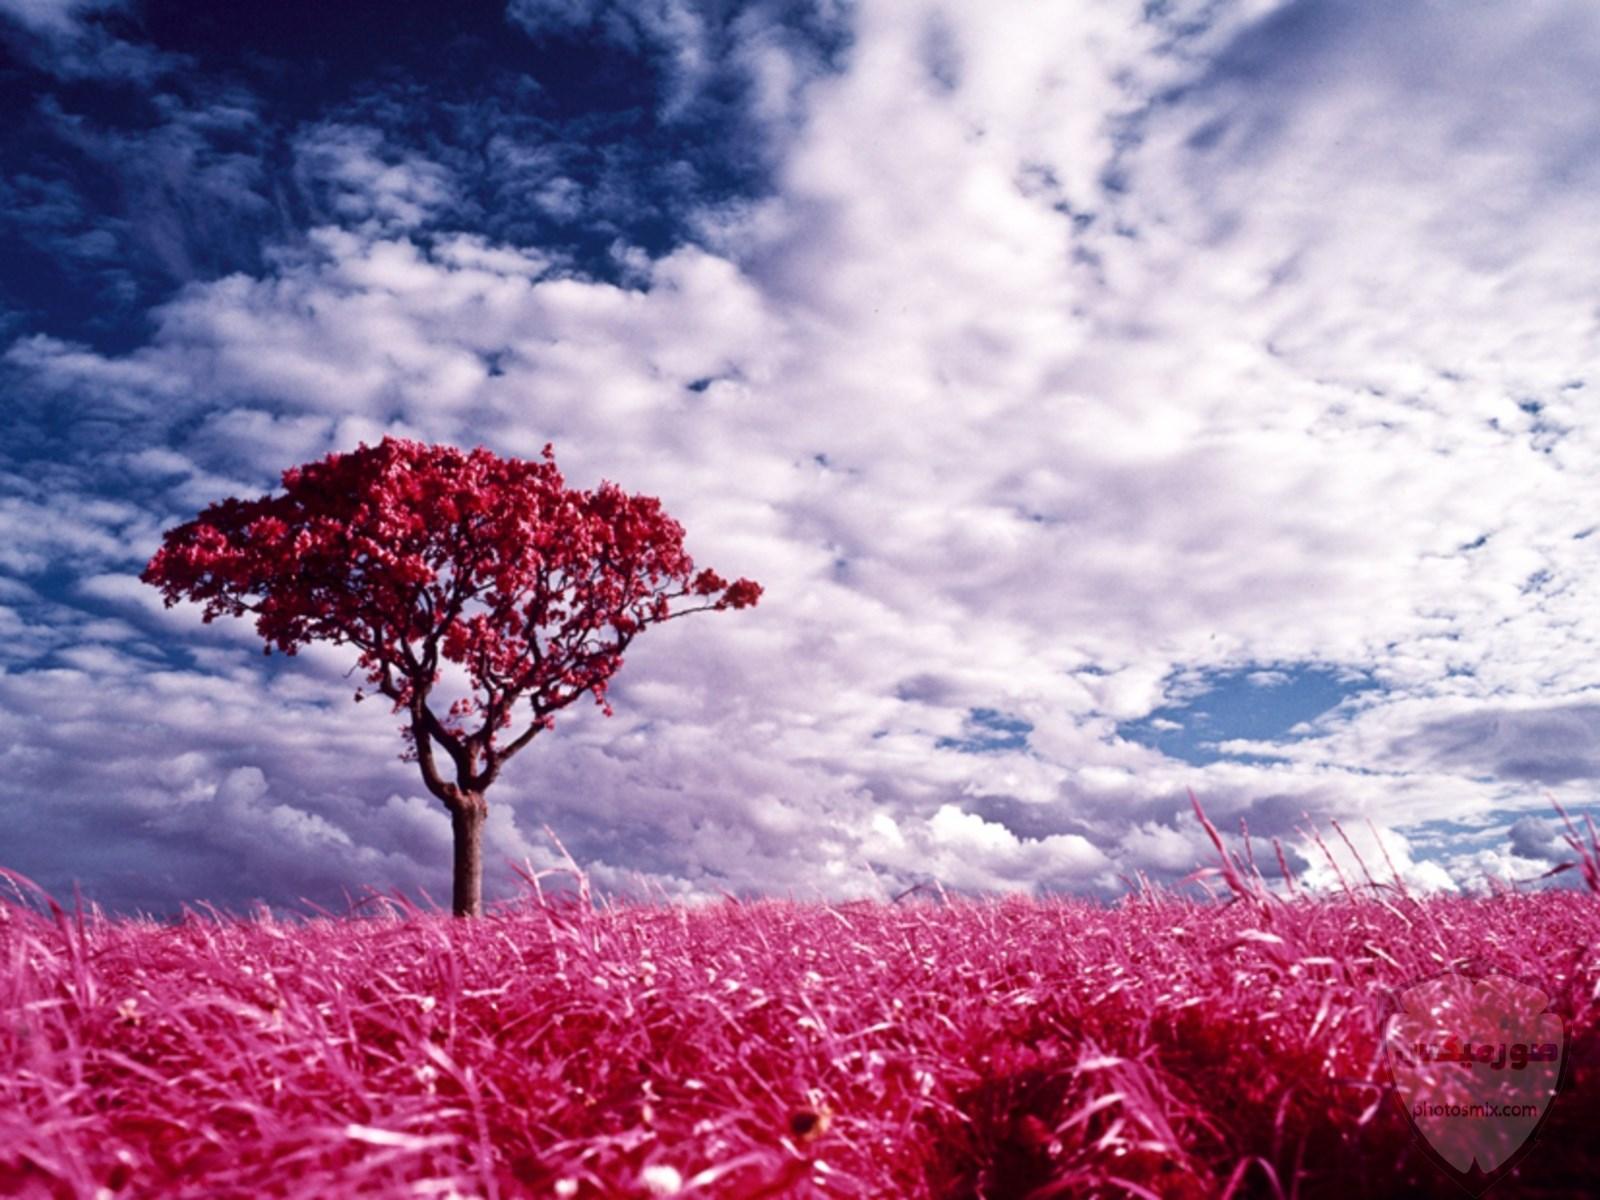 صور طبيعة جميلة صور وخلفيات الطبيعه 2020 أجمل صور للطبيعة 19